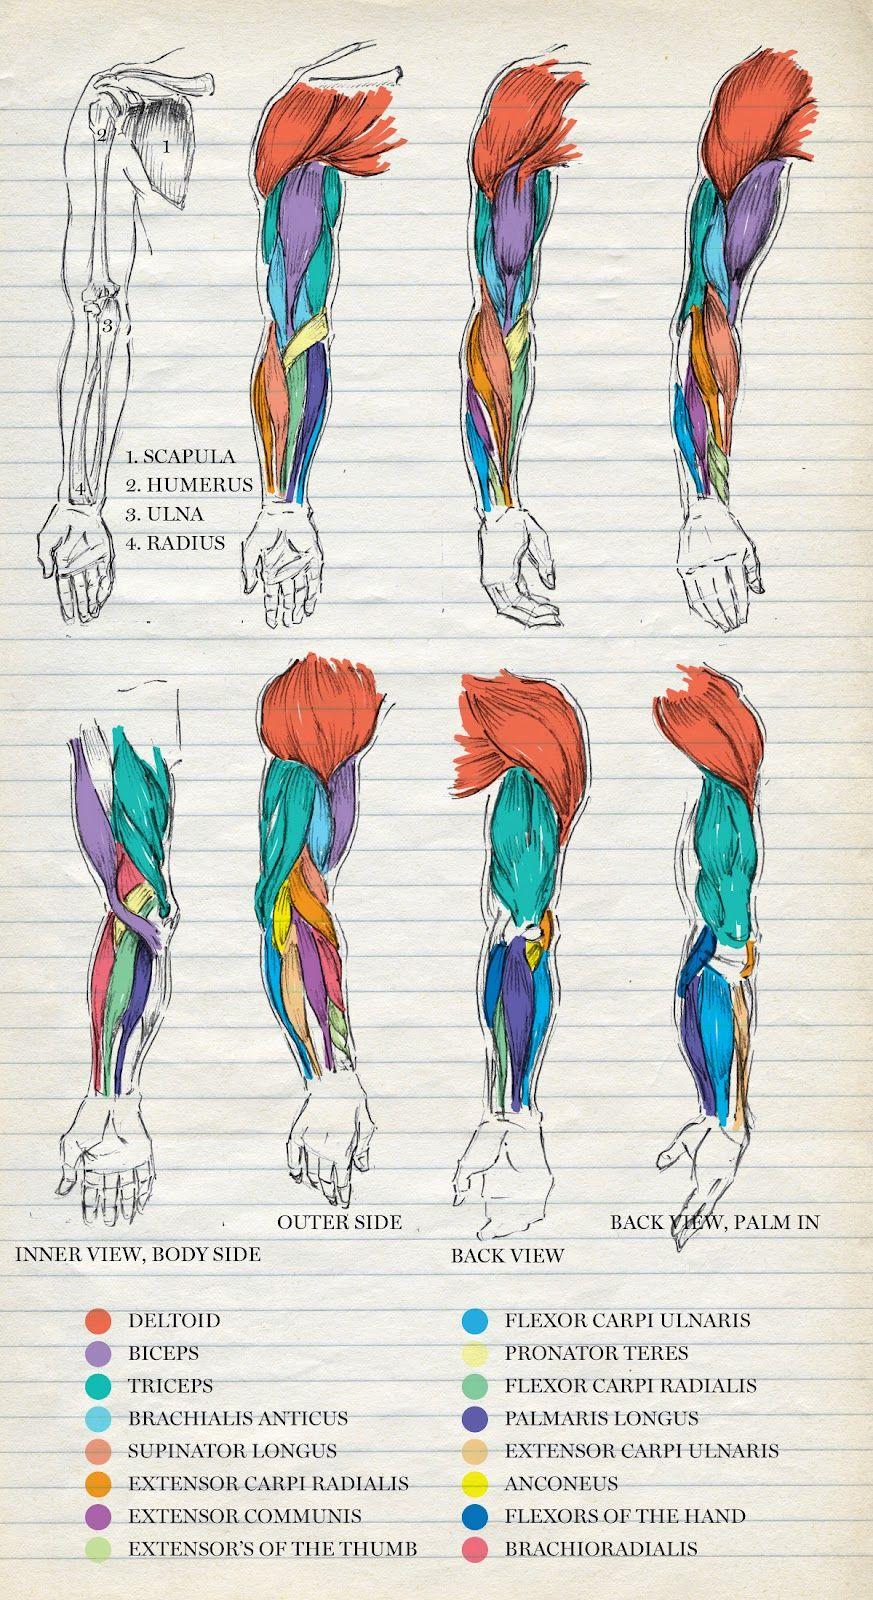 Músculos de miembro superior | Glass | Pinterest | Anatomy, Medicine ...